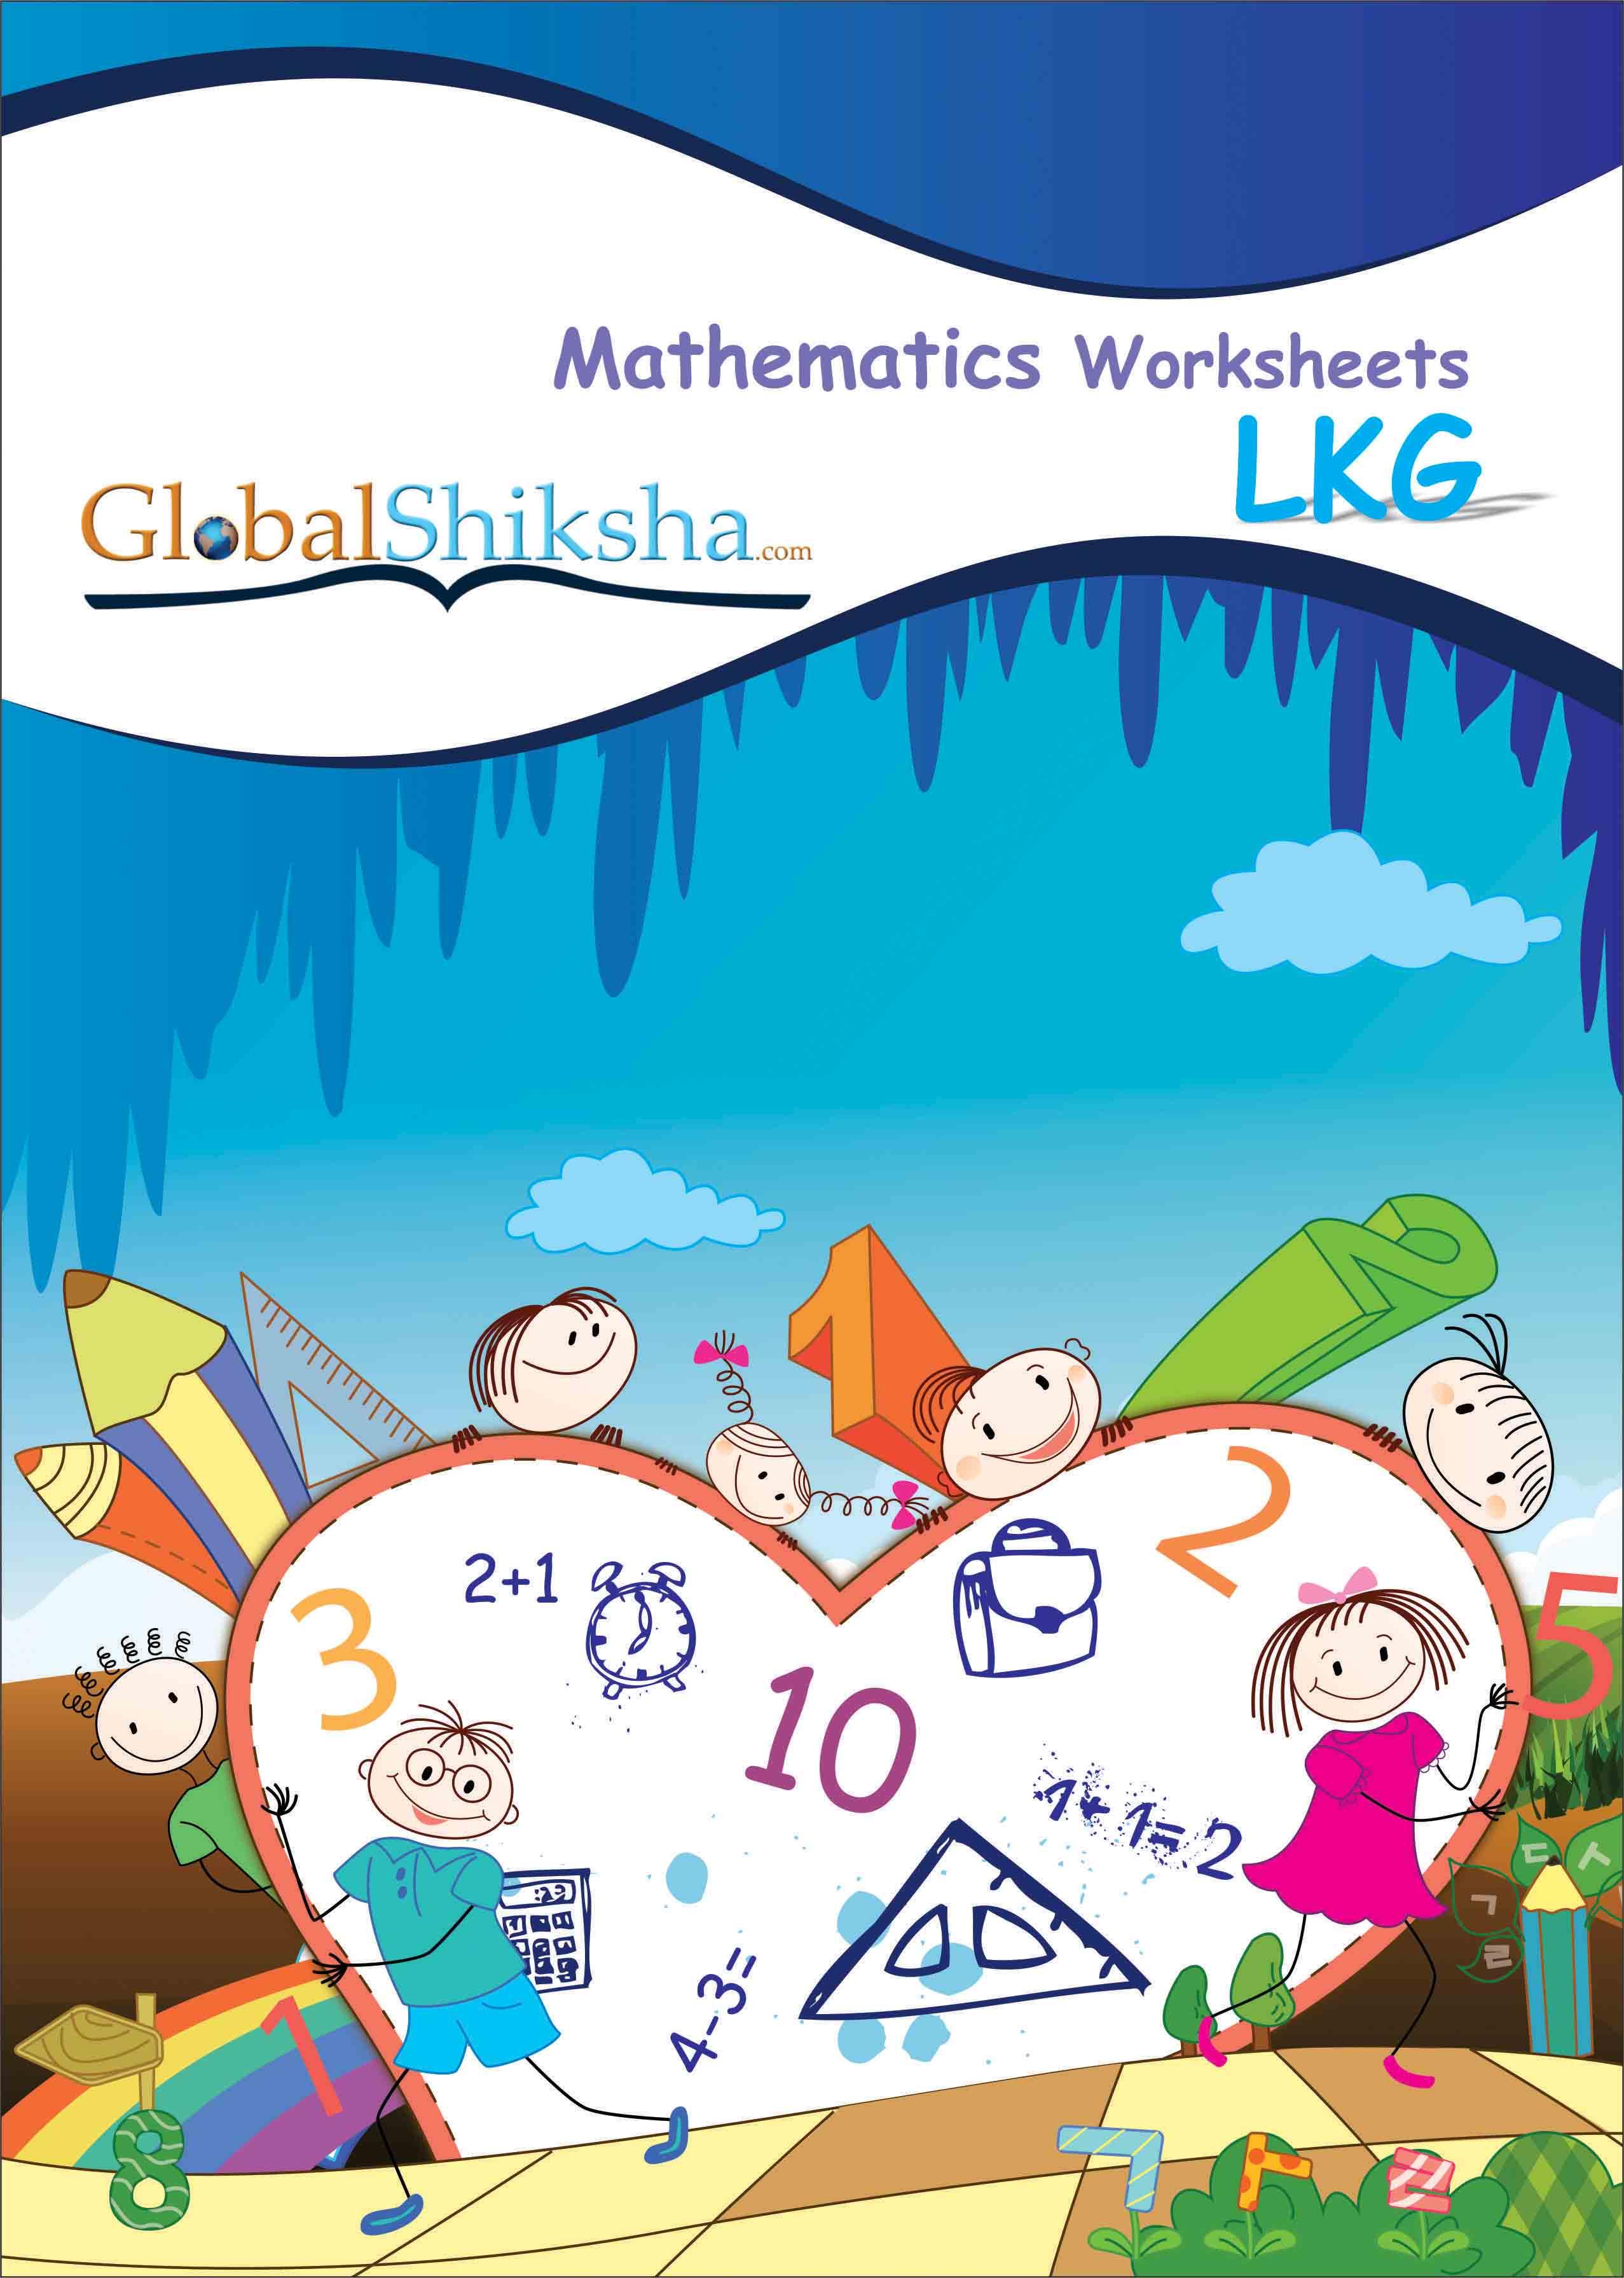 math worksheet : lkg worksheets india  k5 worksheets : Lkg Maths Worksheets